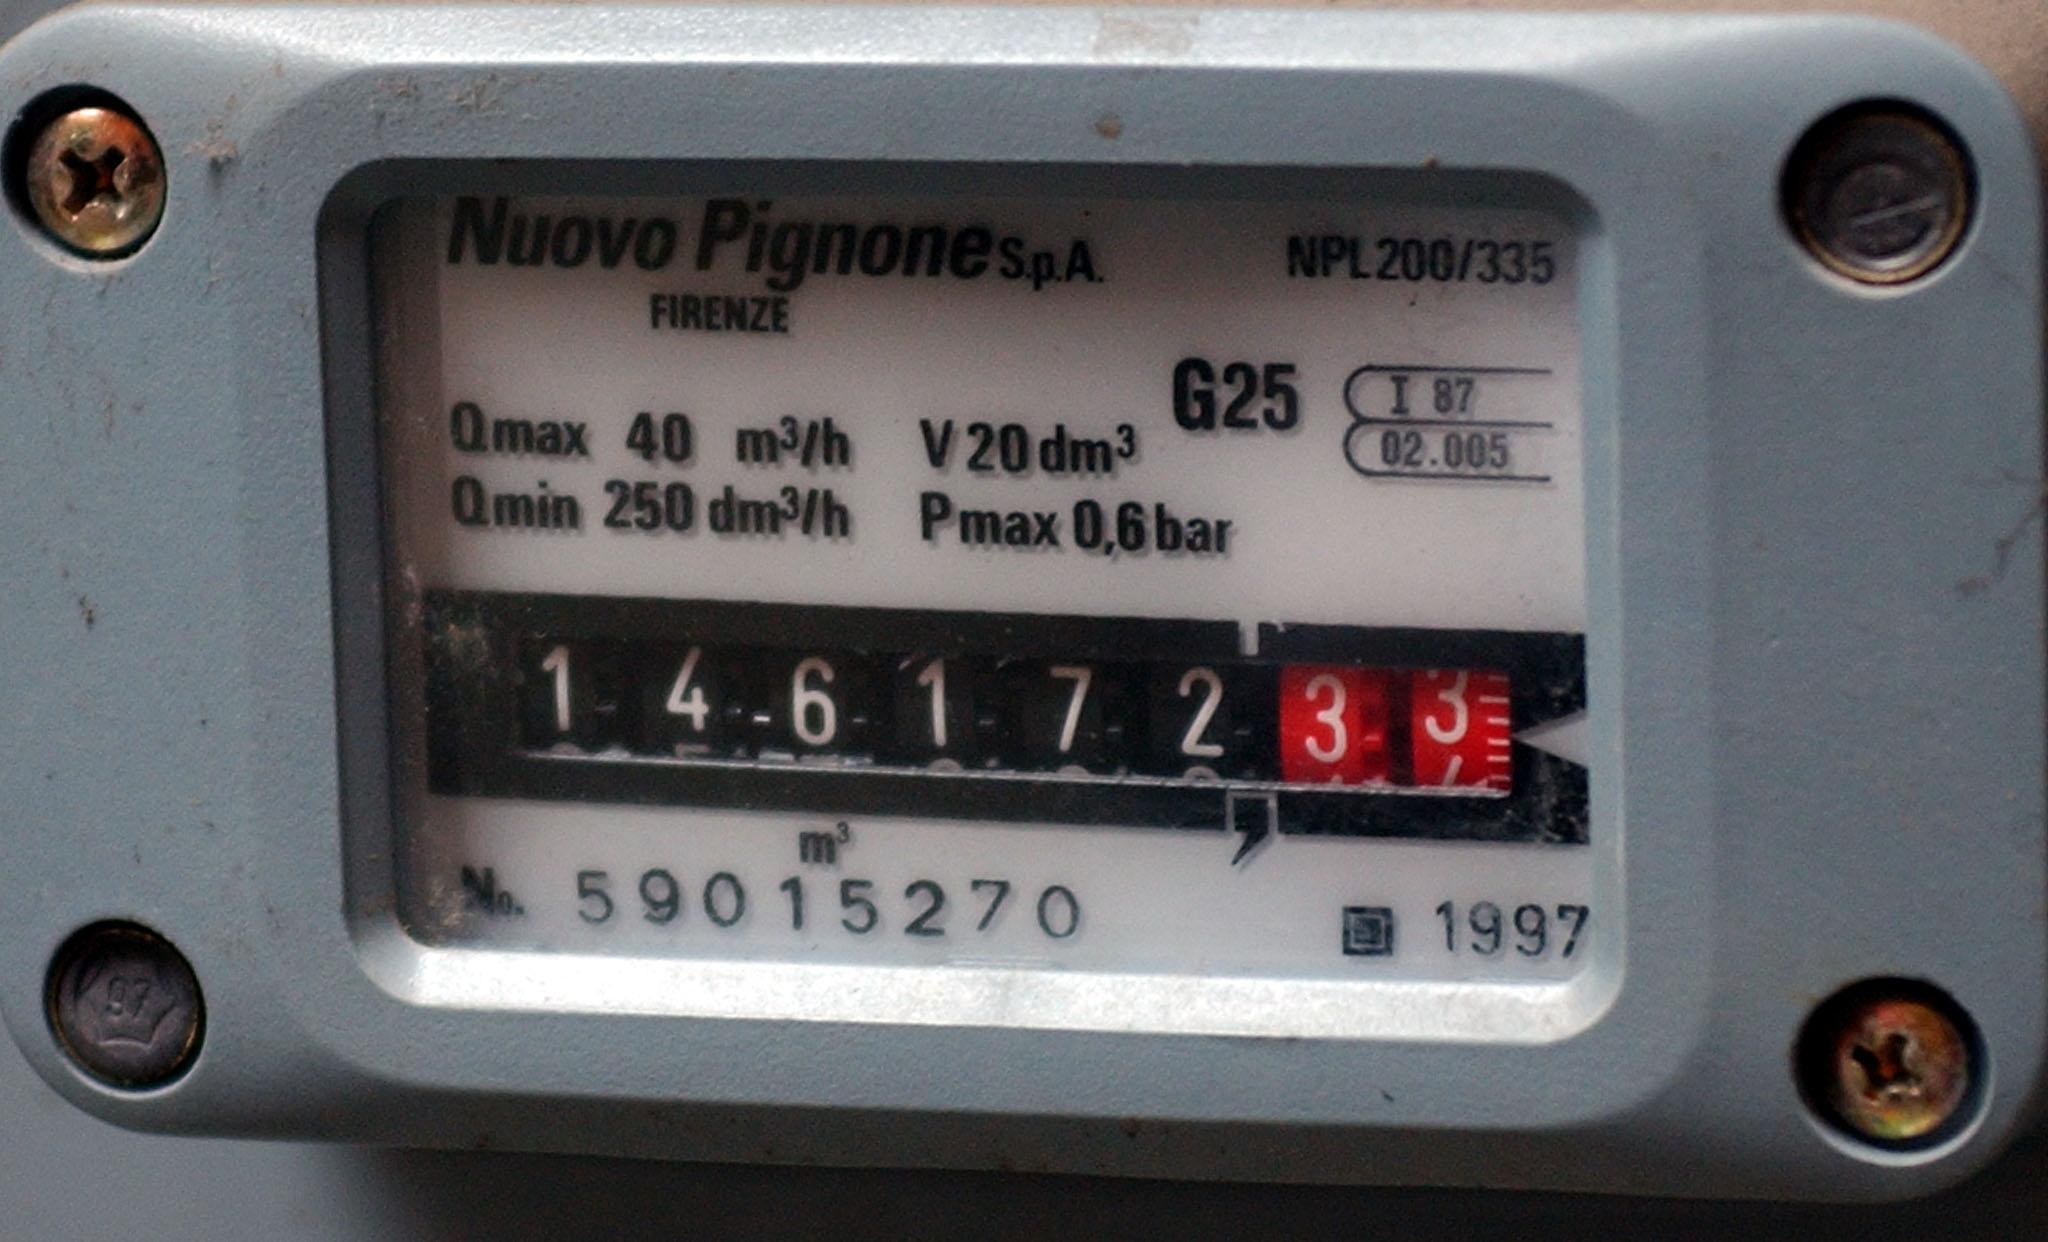 Contatore luce e gas come sapere se funzionano bene for Taroccare contatore gas